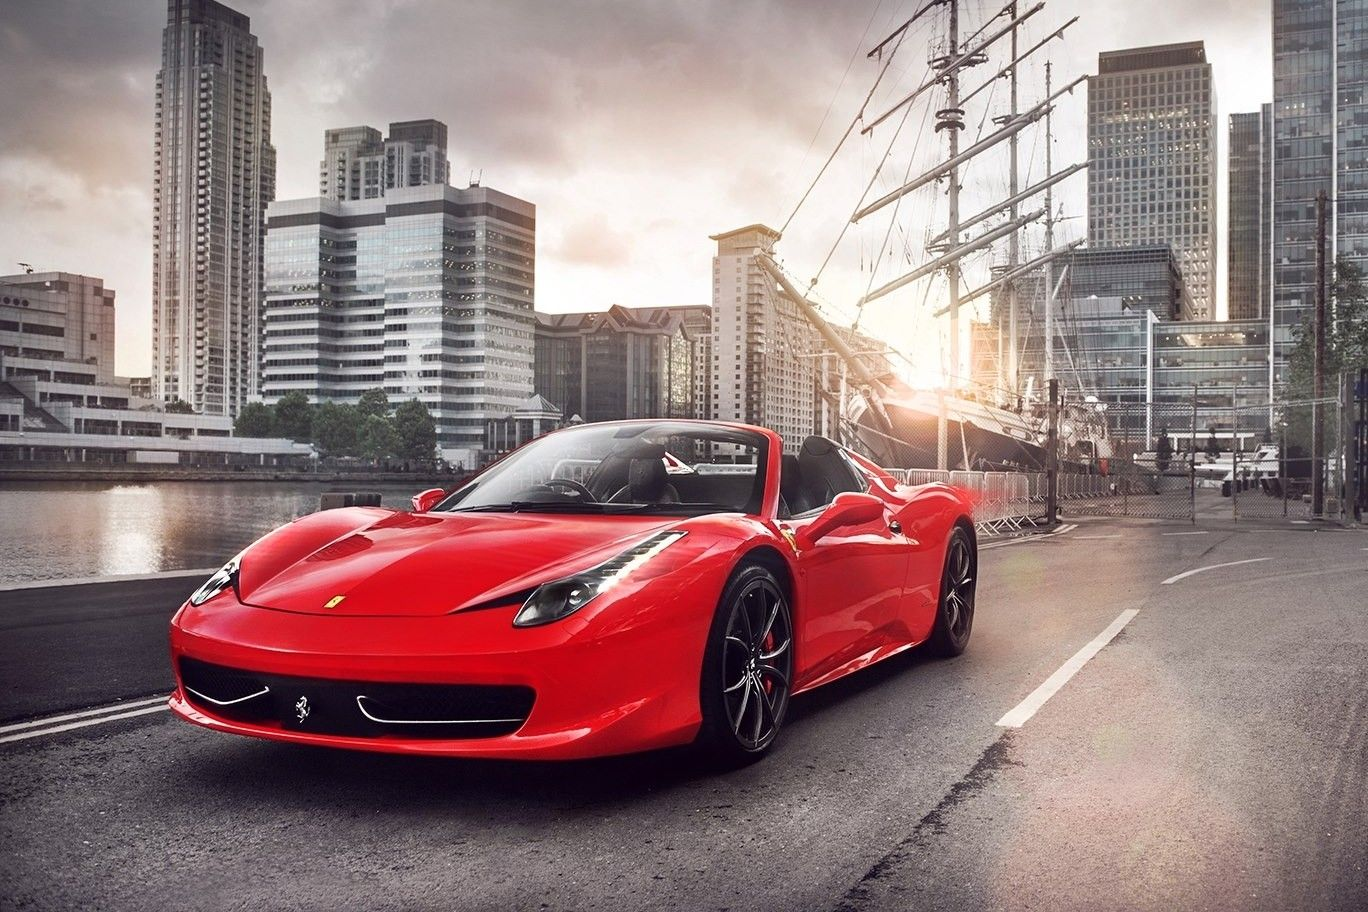 Ferrari 458 Spider Wallpapers Auto S